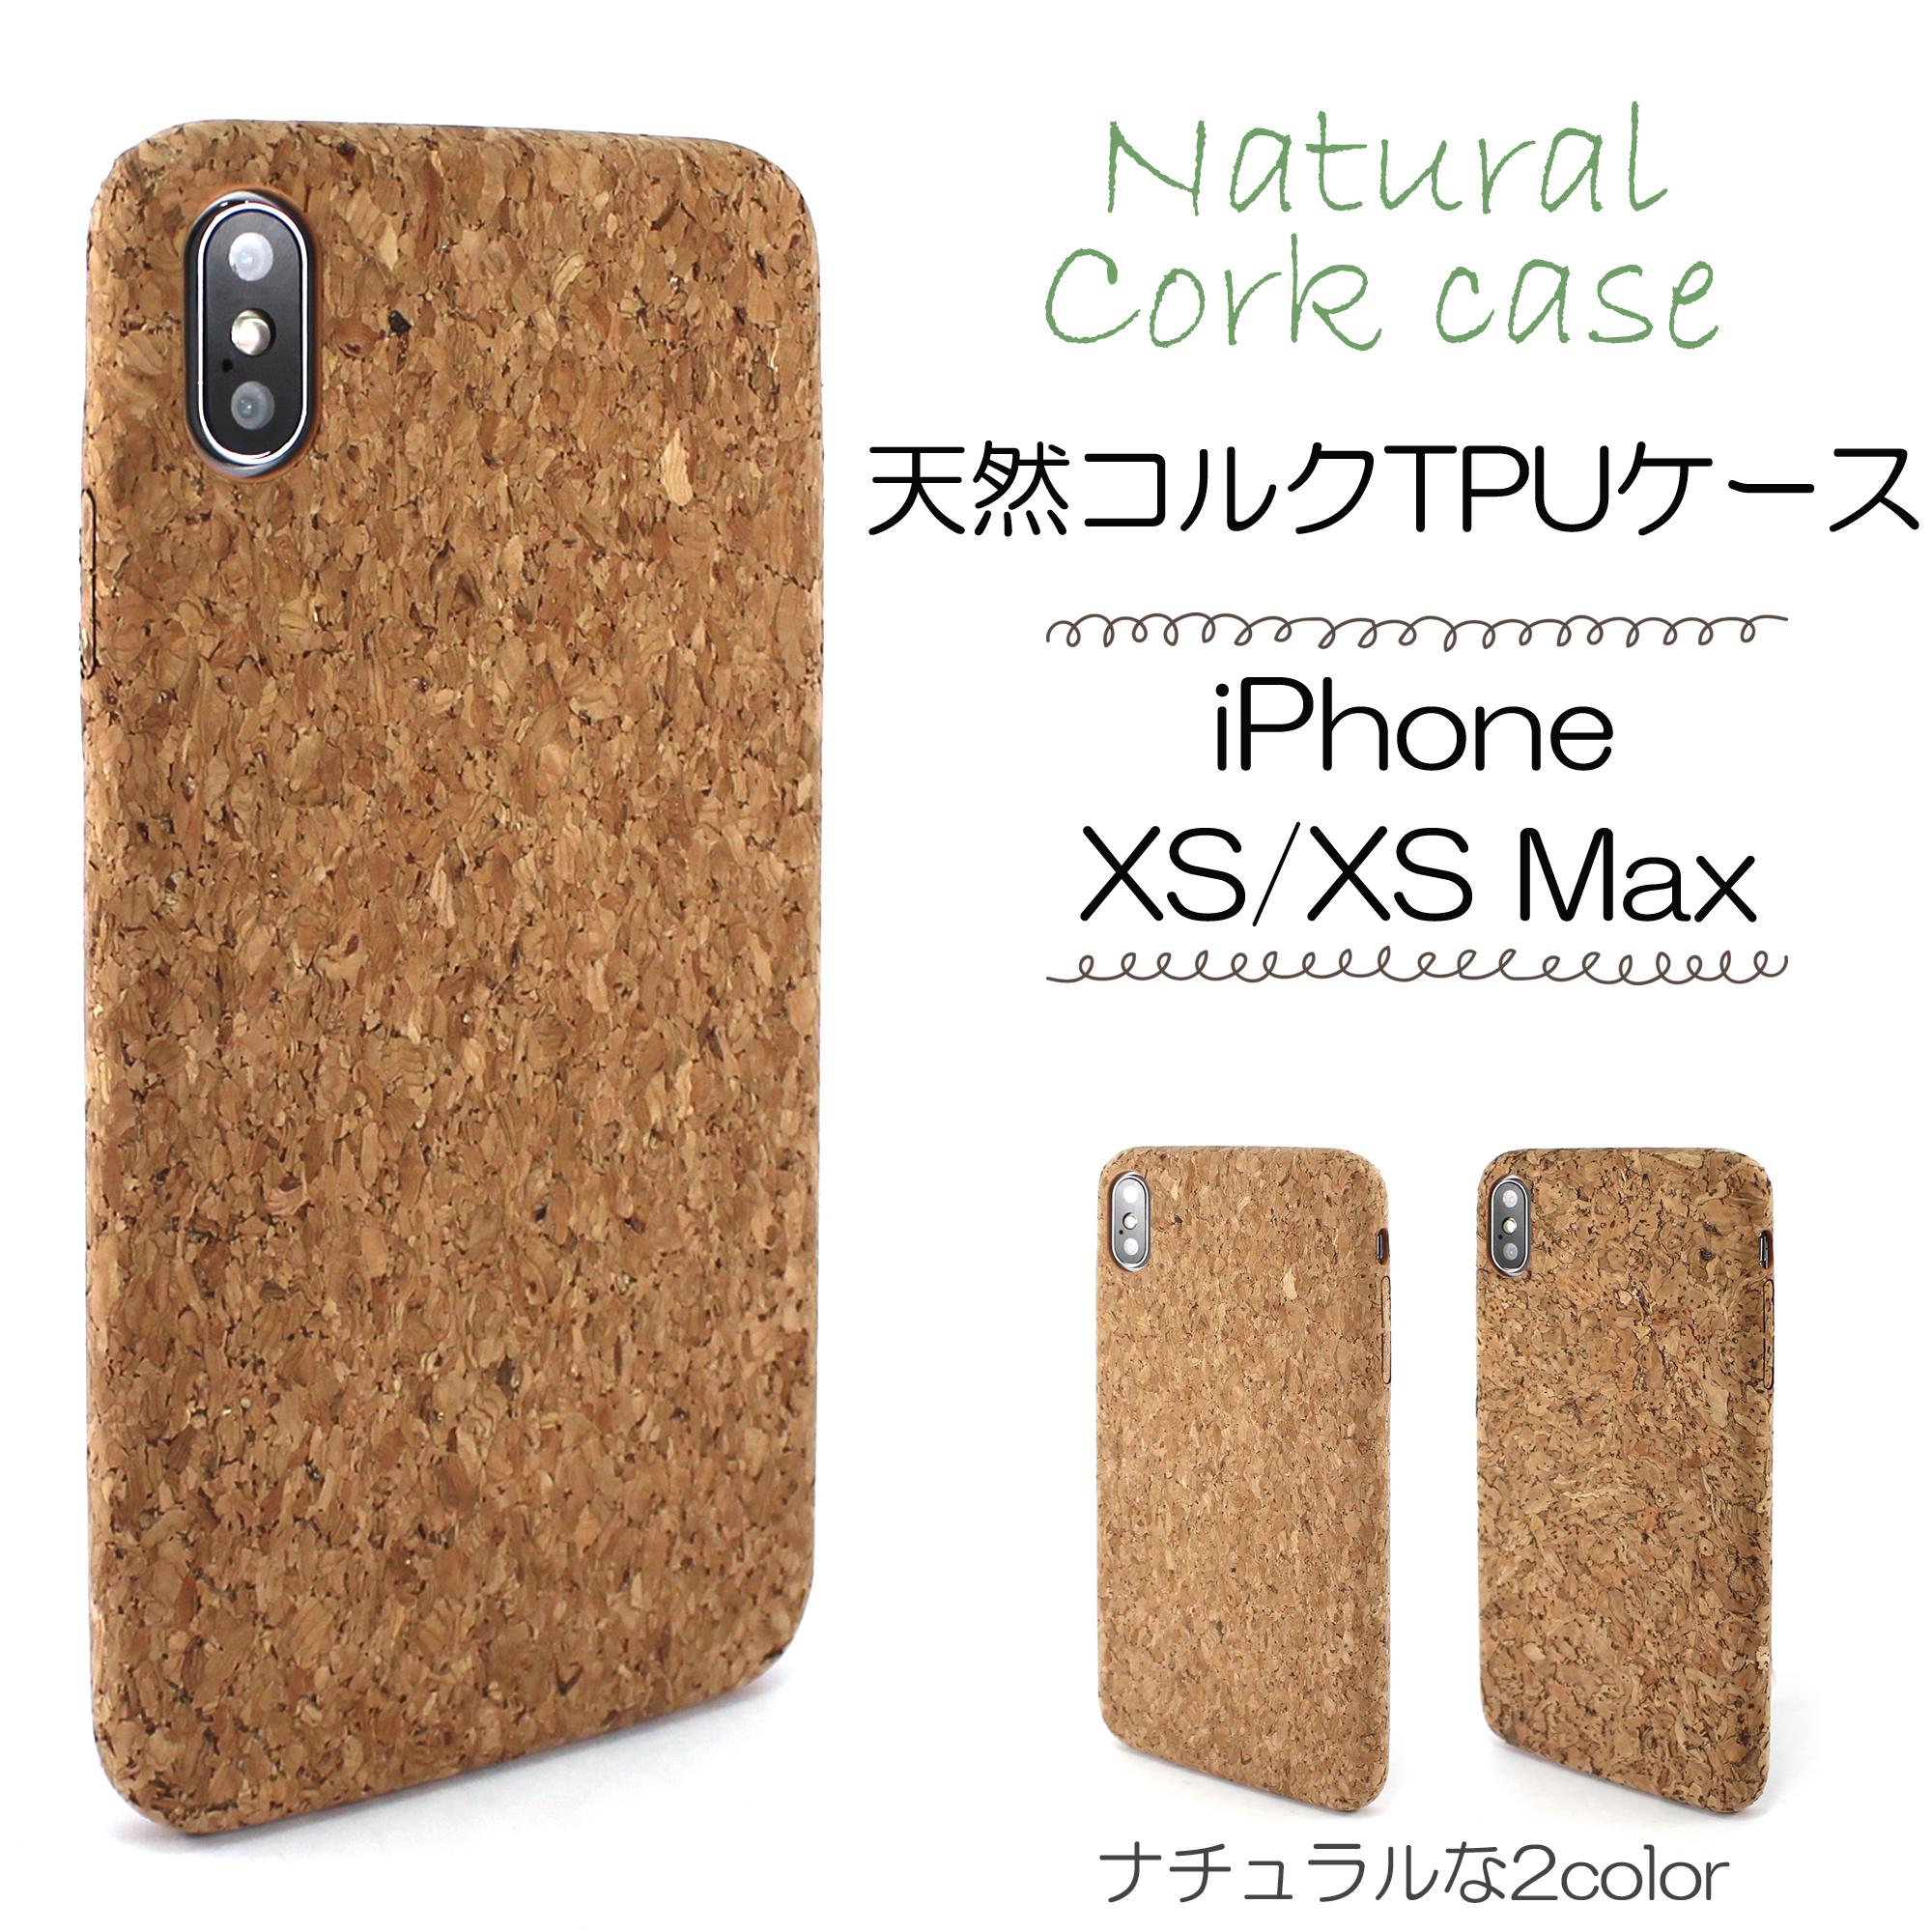 b9204d4469 【送料無料】 天然コルク TPU ケース iPhoneXS iPhoneXS Max 背面型 スマホケース 天然コルク